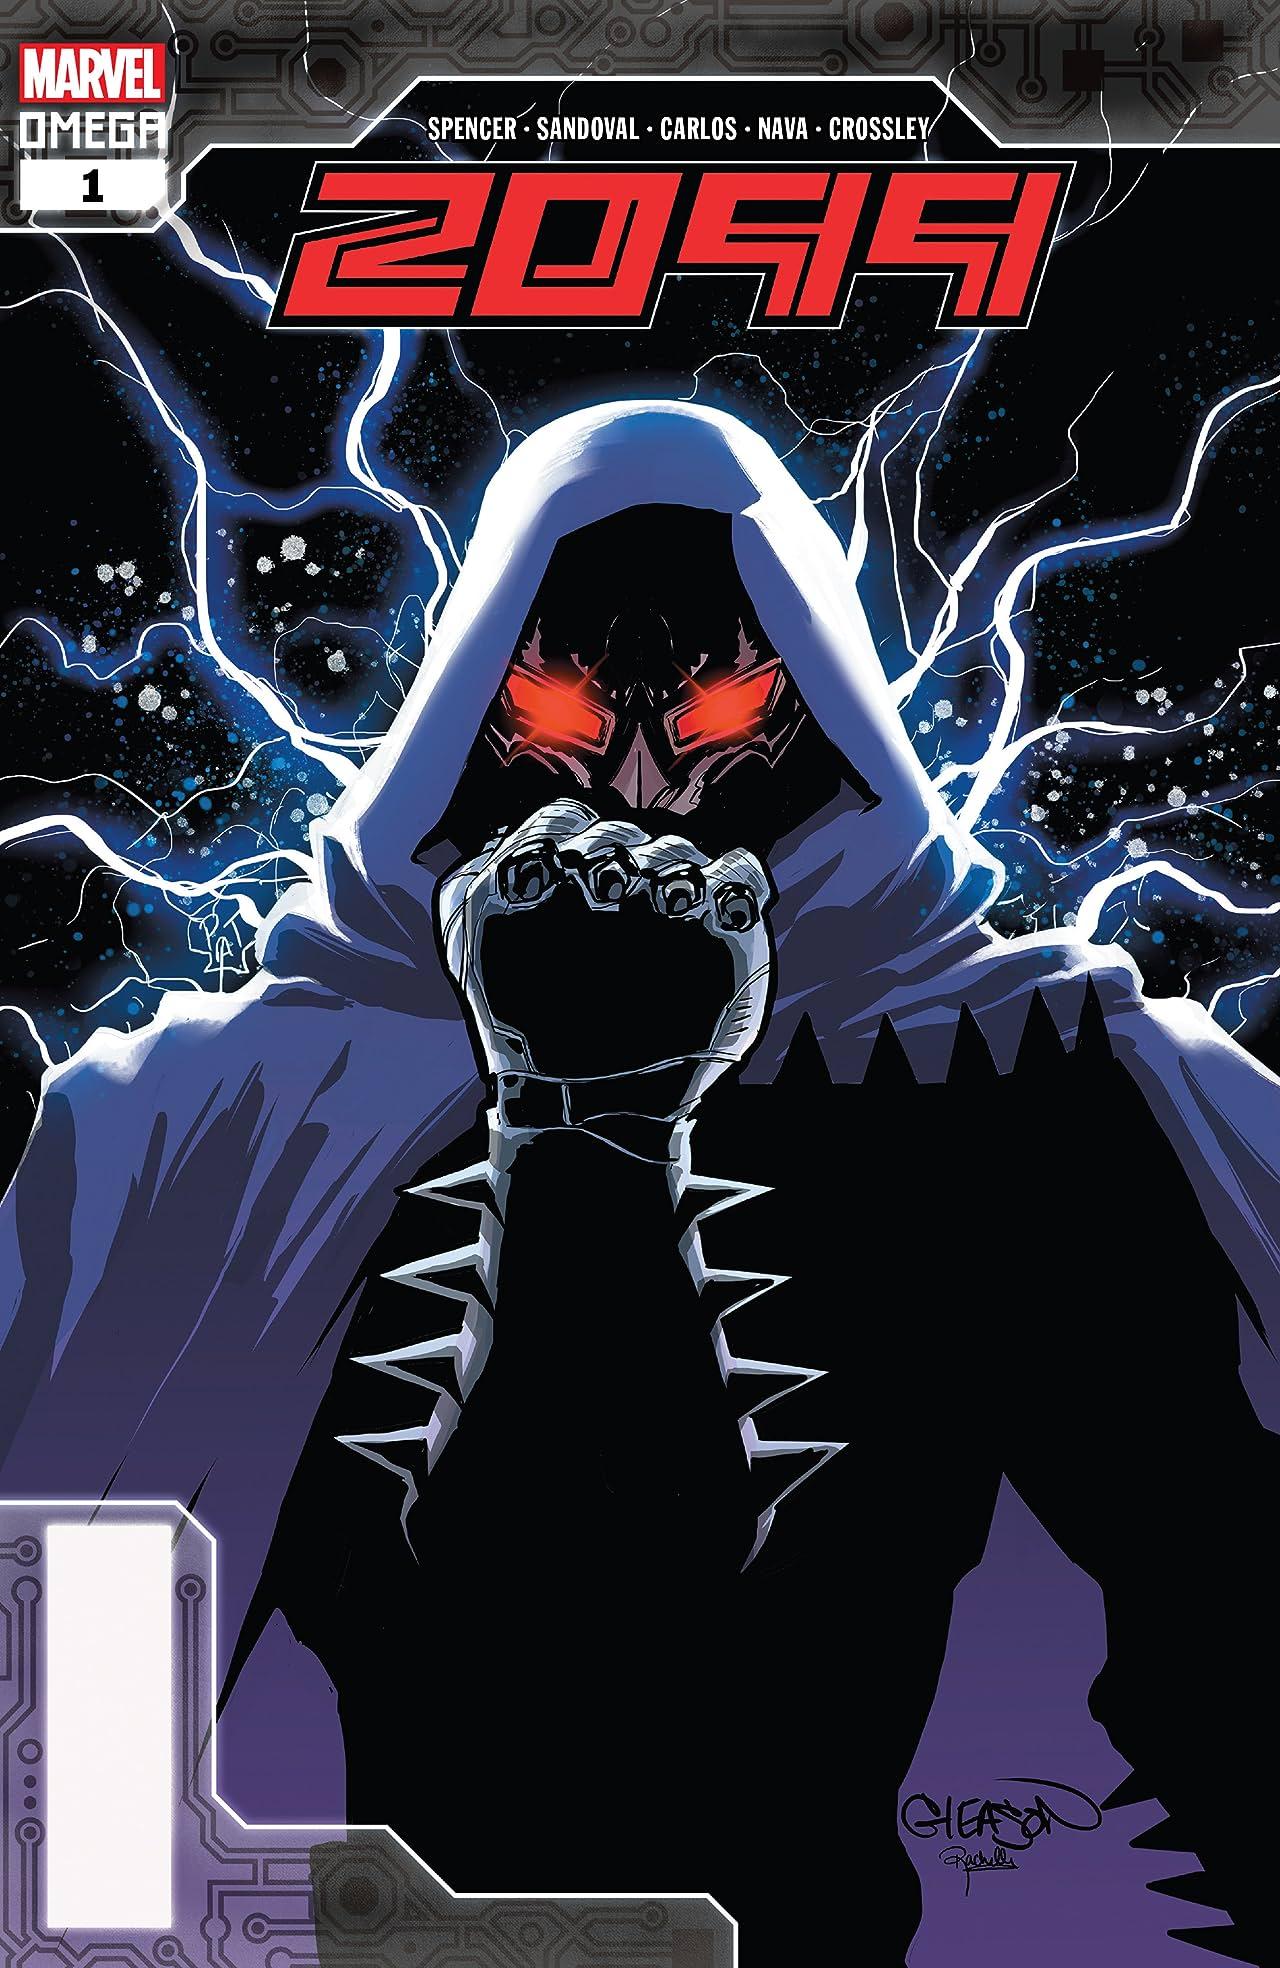 2099 Omega (2019) #1